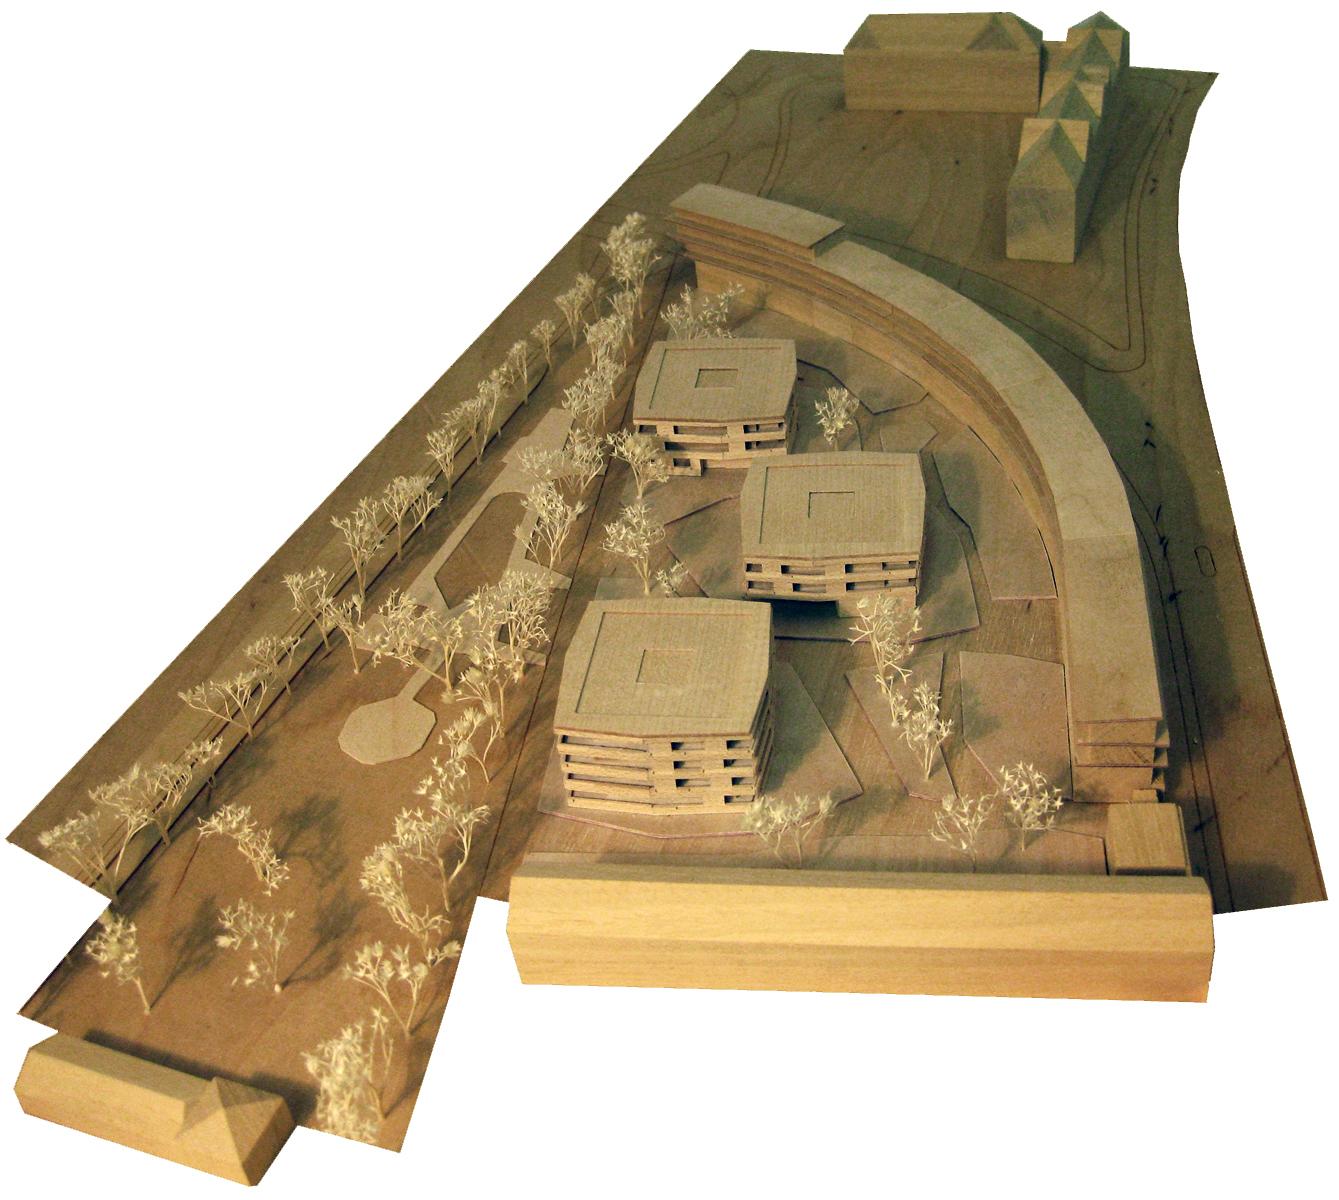 Ingolstadt_modell01